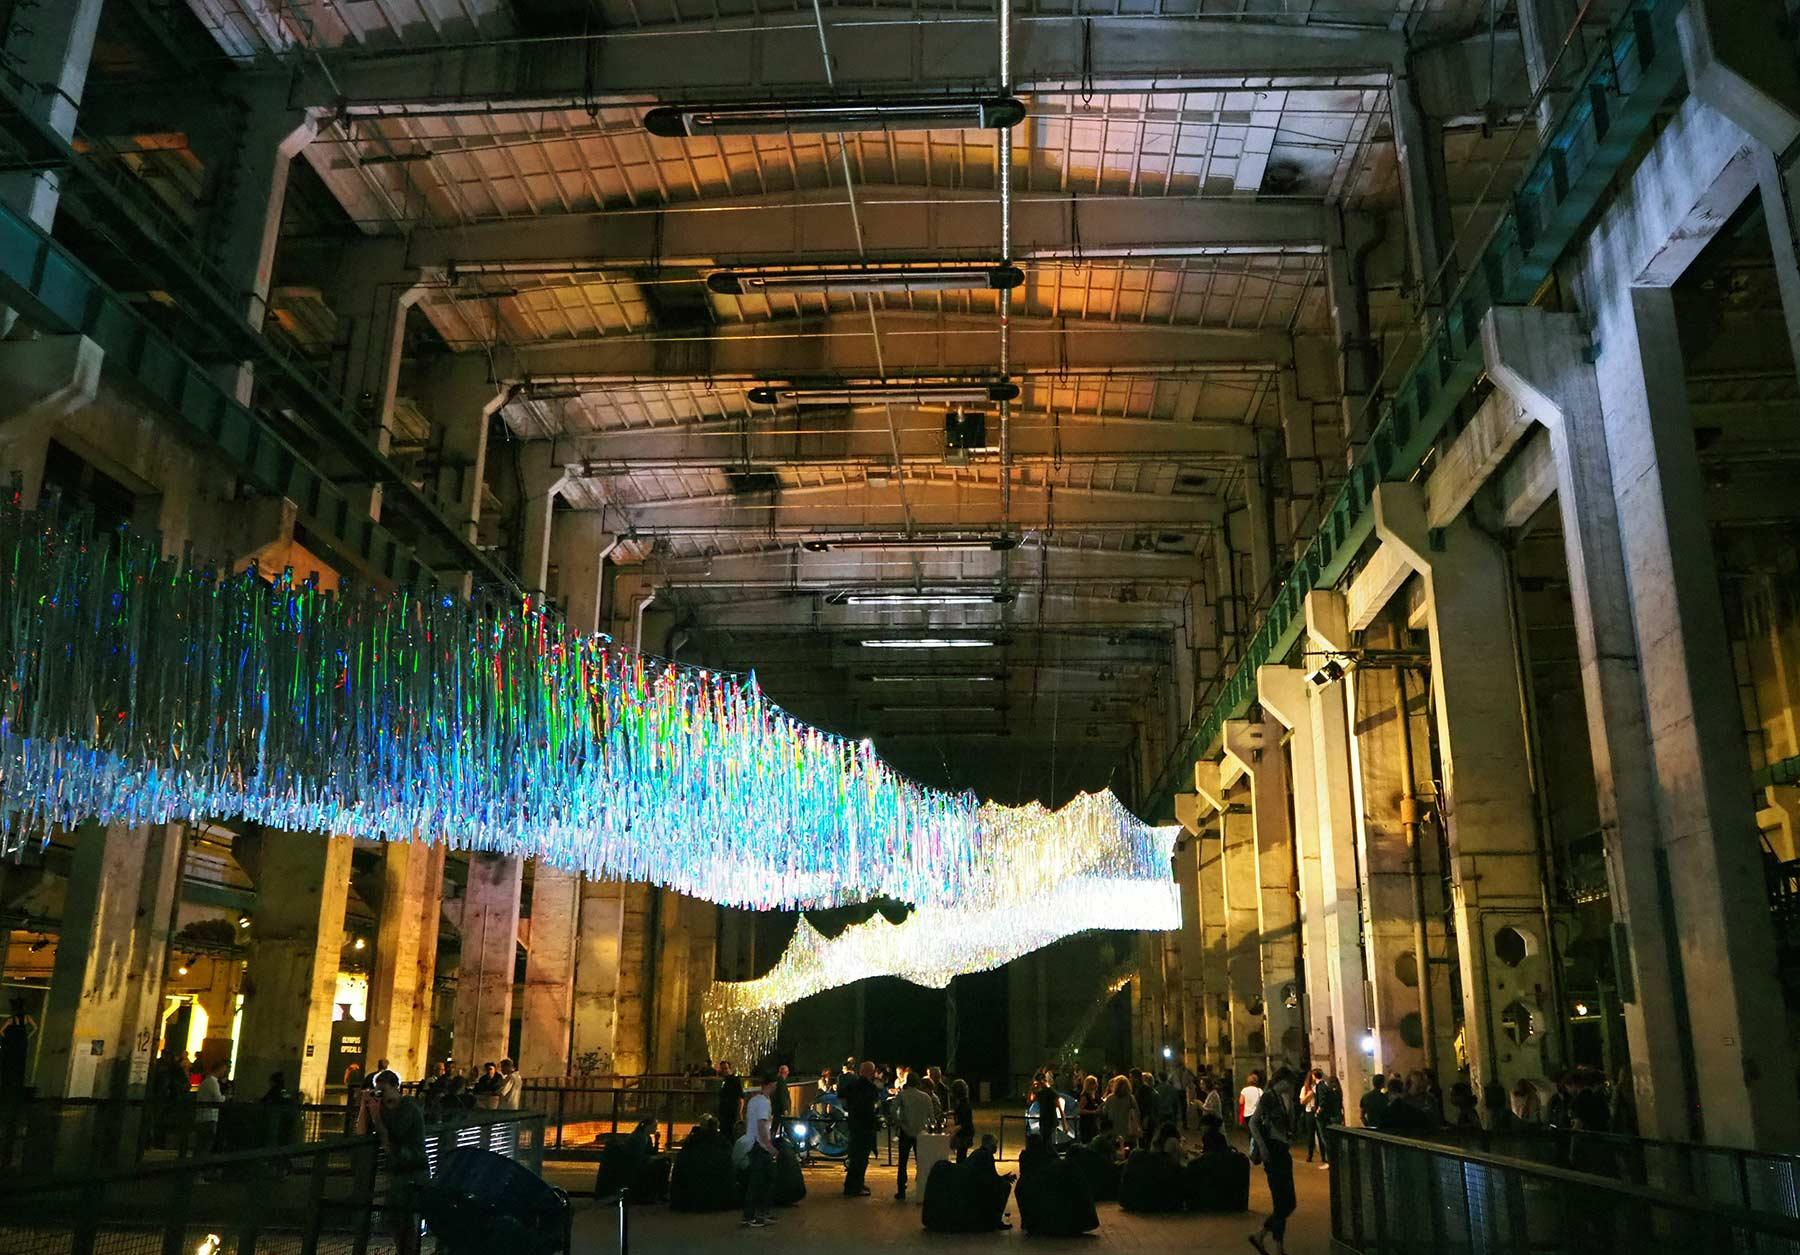 Der OLYMPUS PERSPECTIVE PLAYGROUND in Berlin ist eröffnet! Olympus-Perspective-Playground-Berlin-2017_18